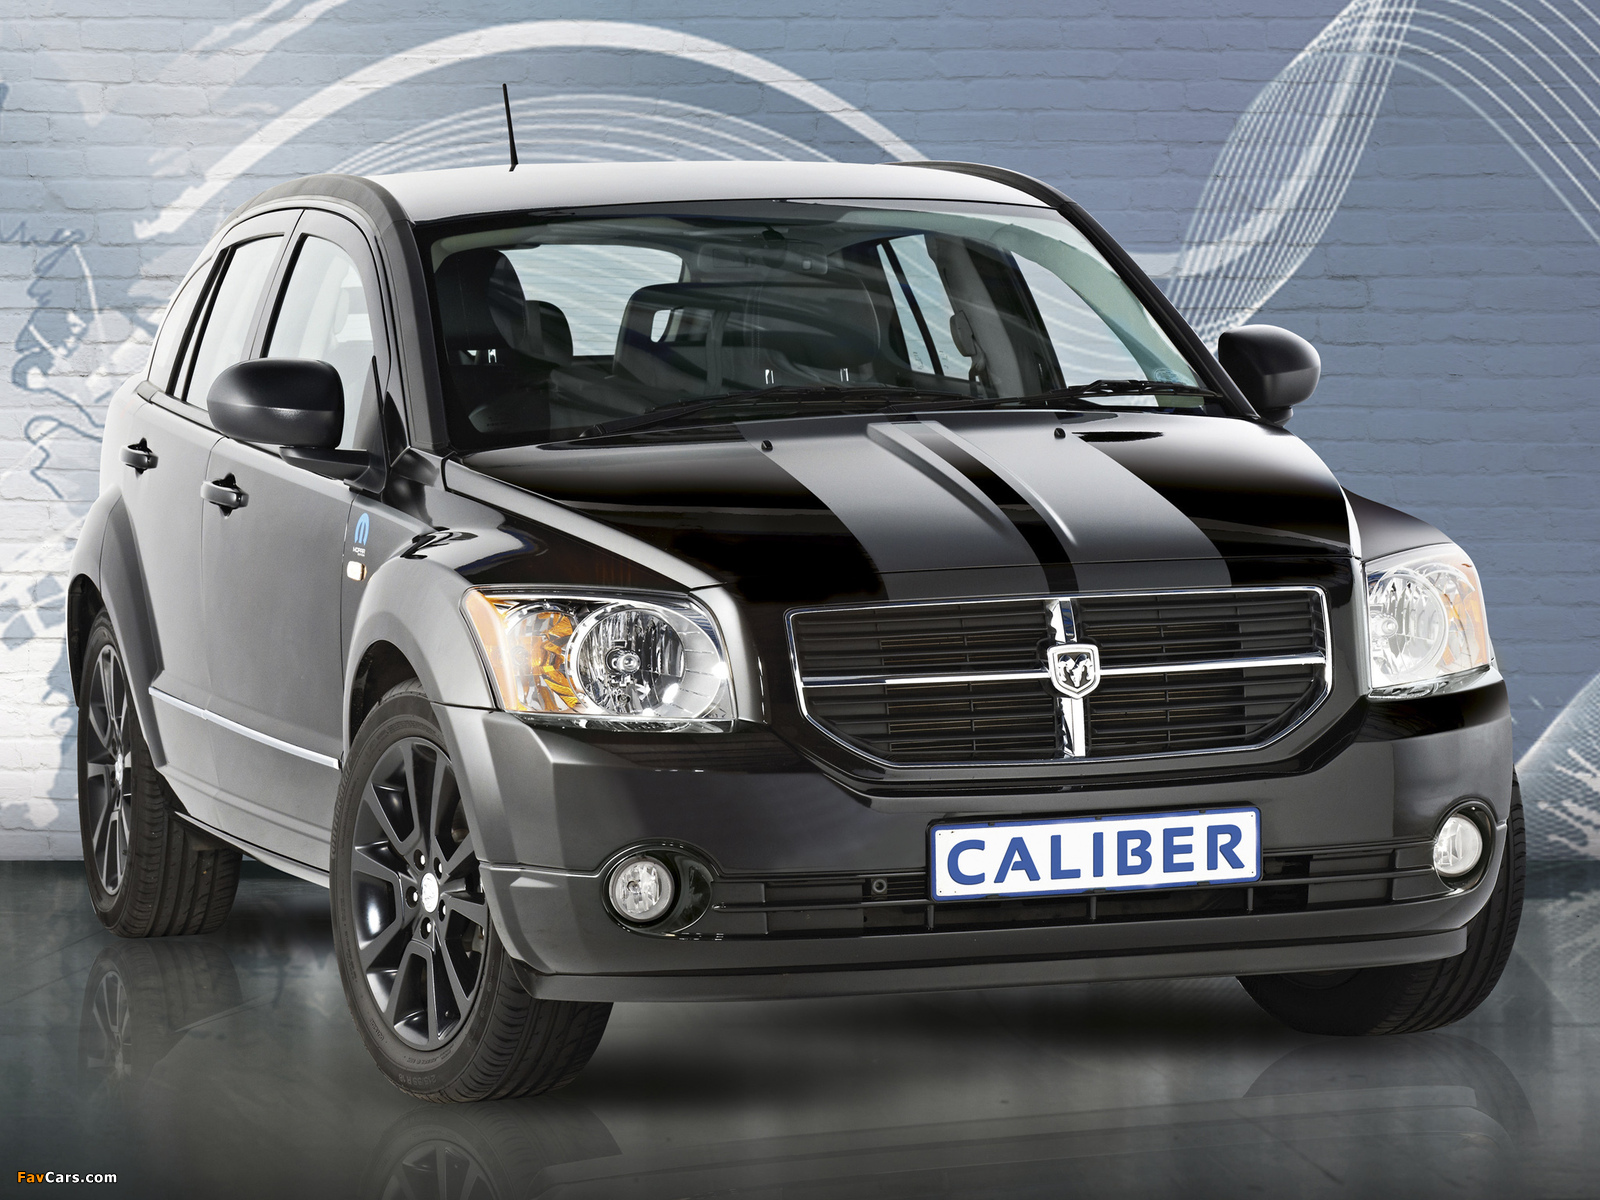 Dodge Caliber Mopar Edition 2011 pictures (1600 x 1200)